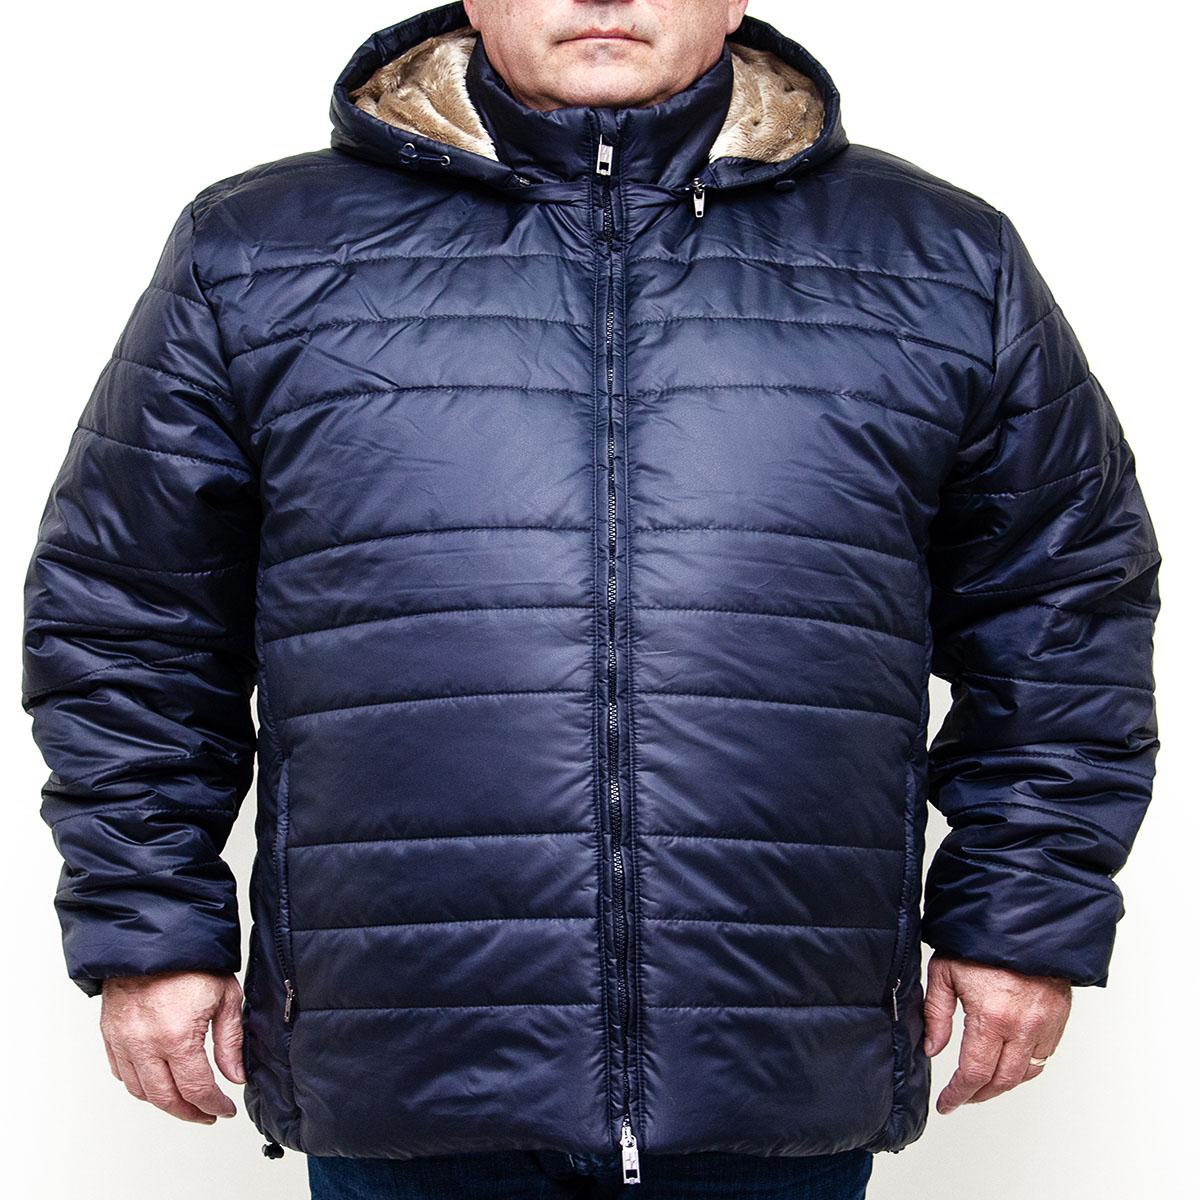 Geaca de iarna bleumarin cu gluga din fas , Marime 4XL - egato.ro